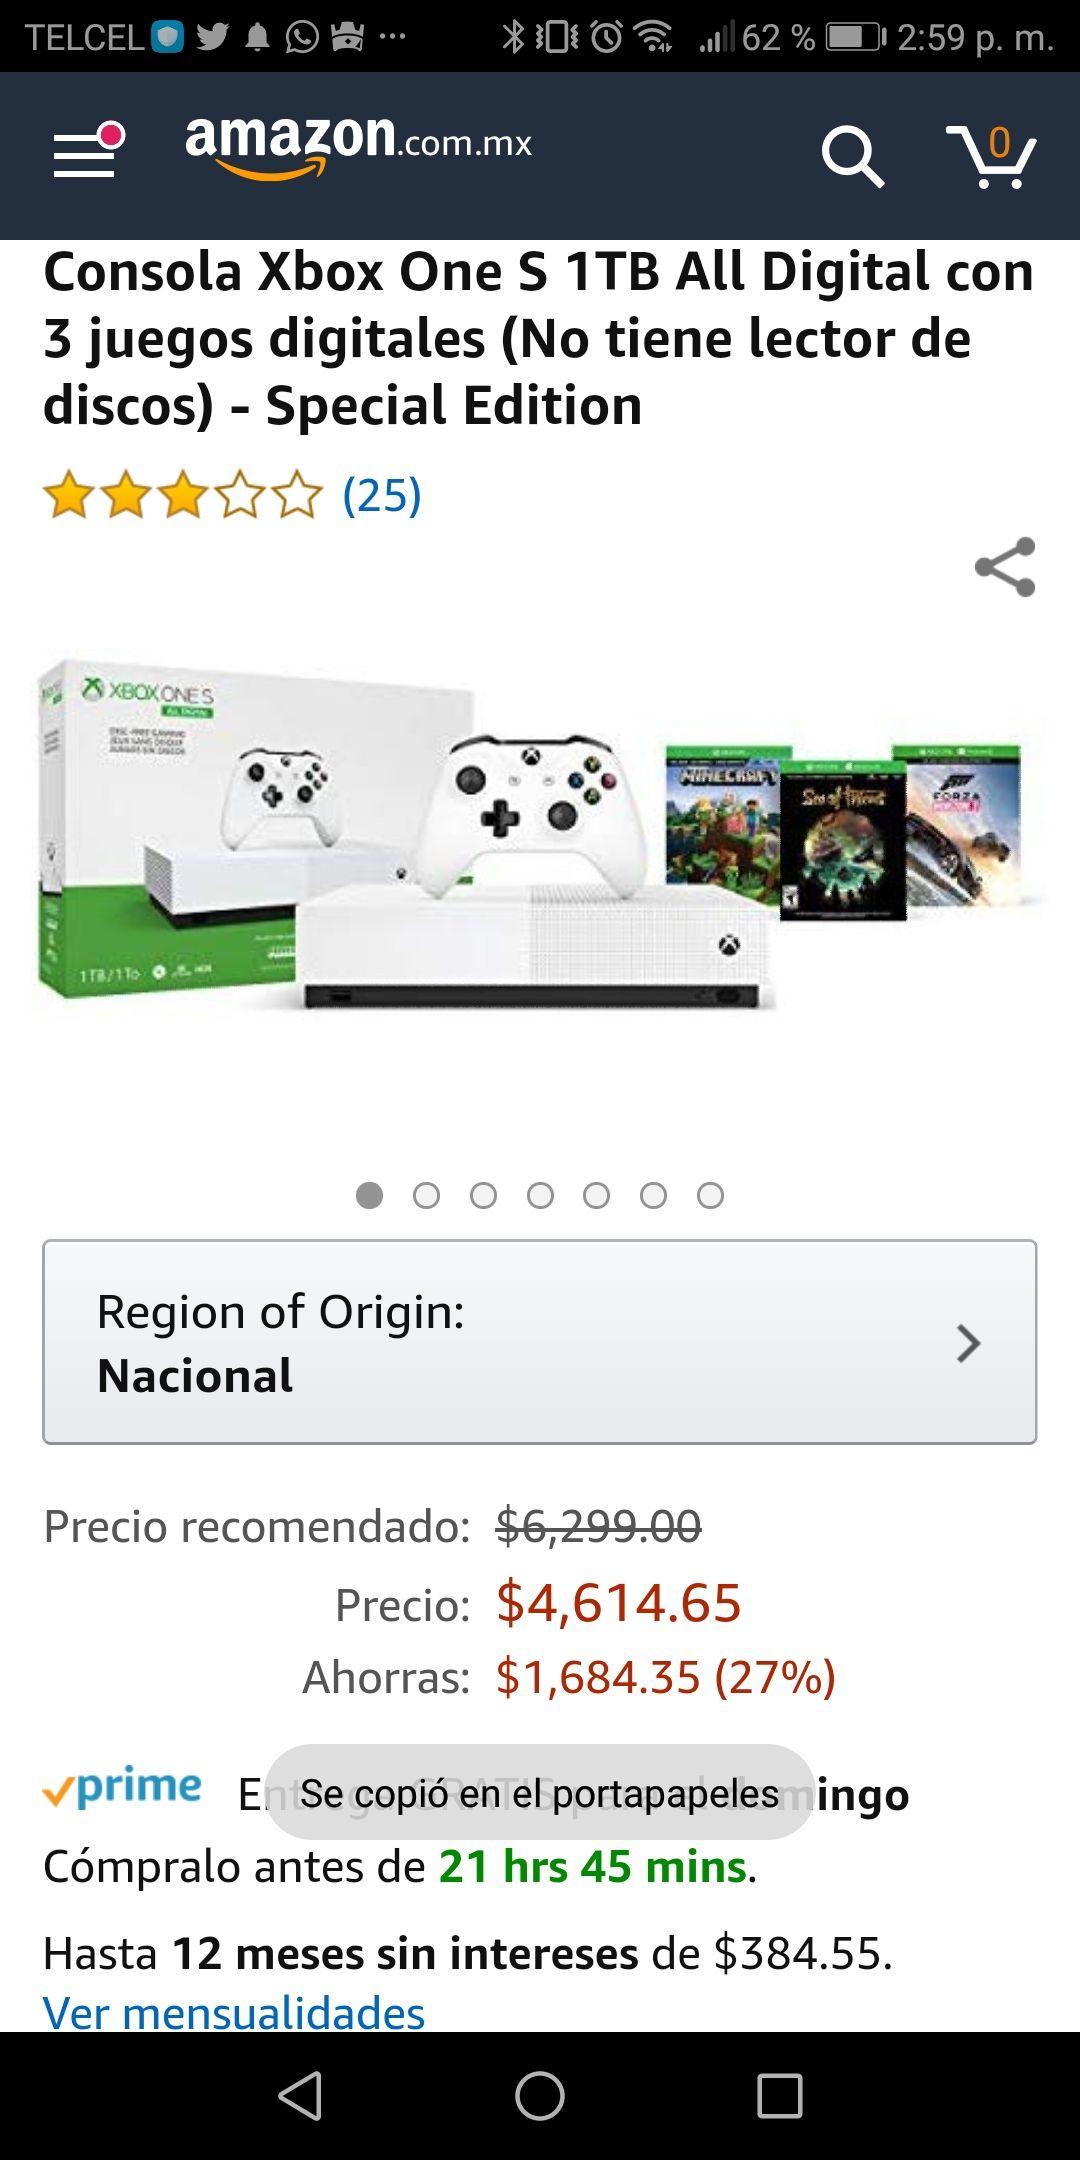 Amazon: xbox one s all digital con 3 juegos